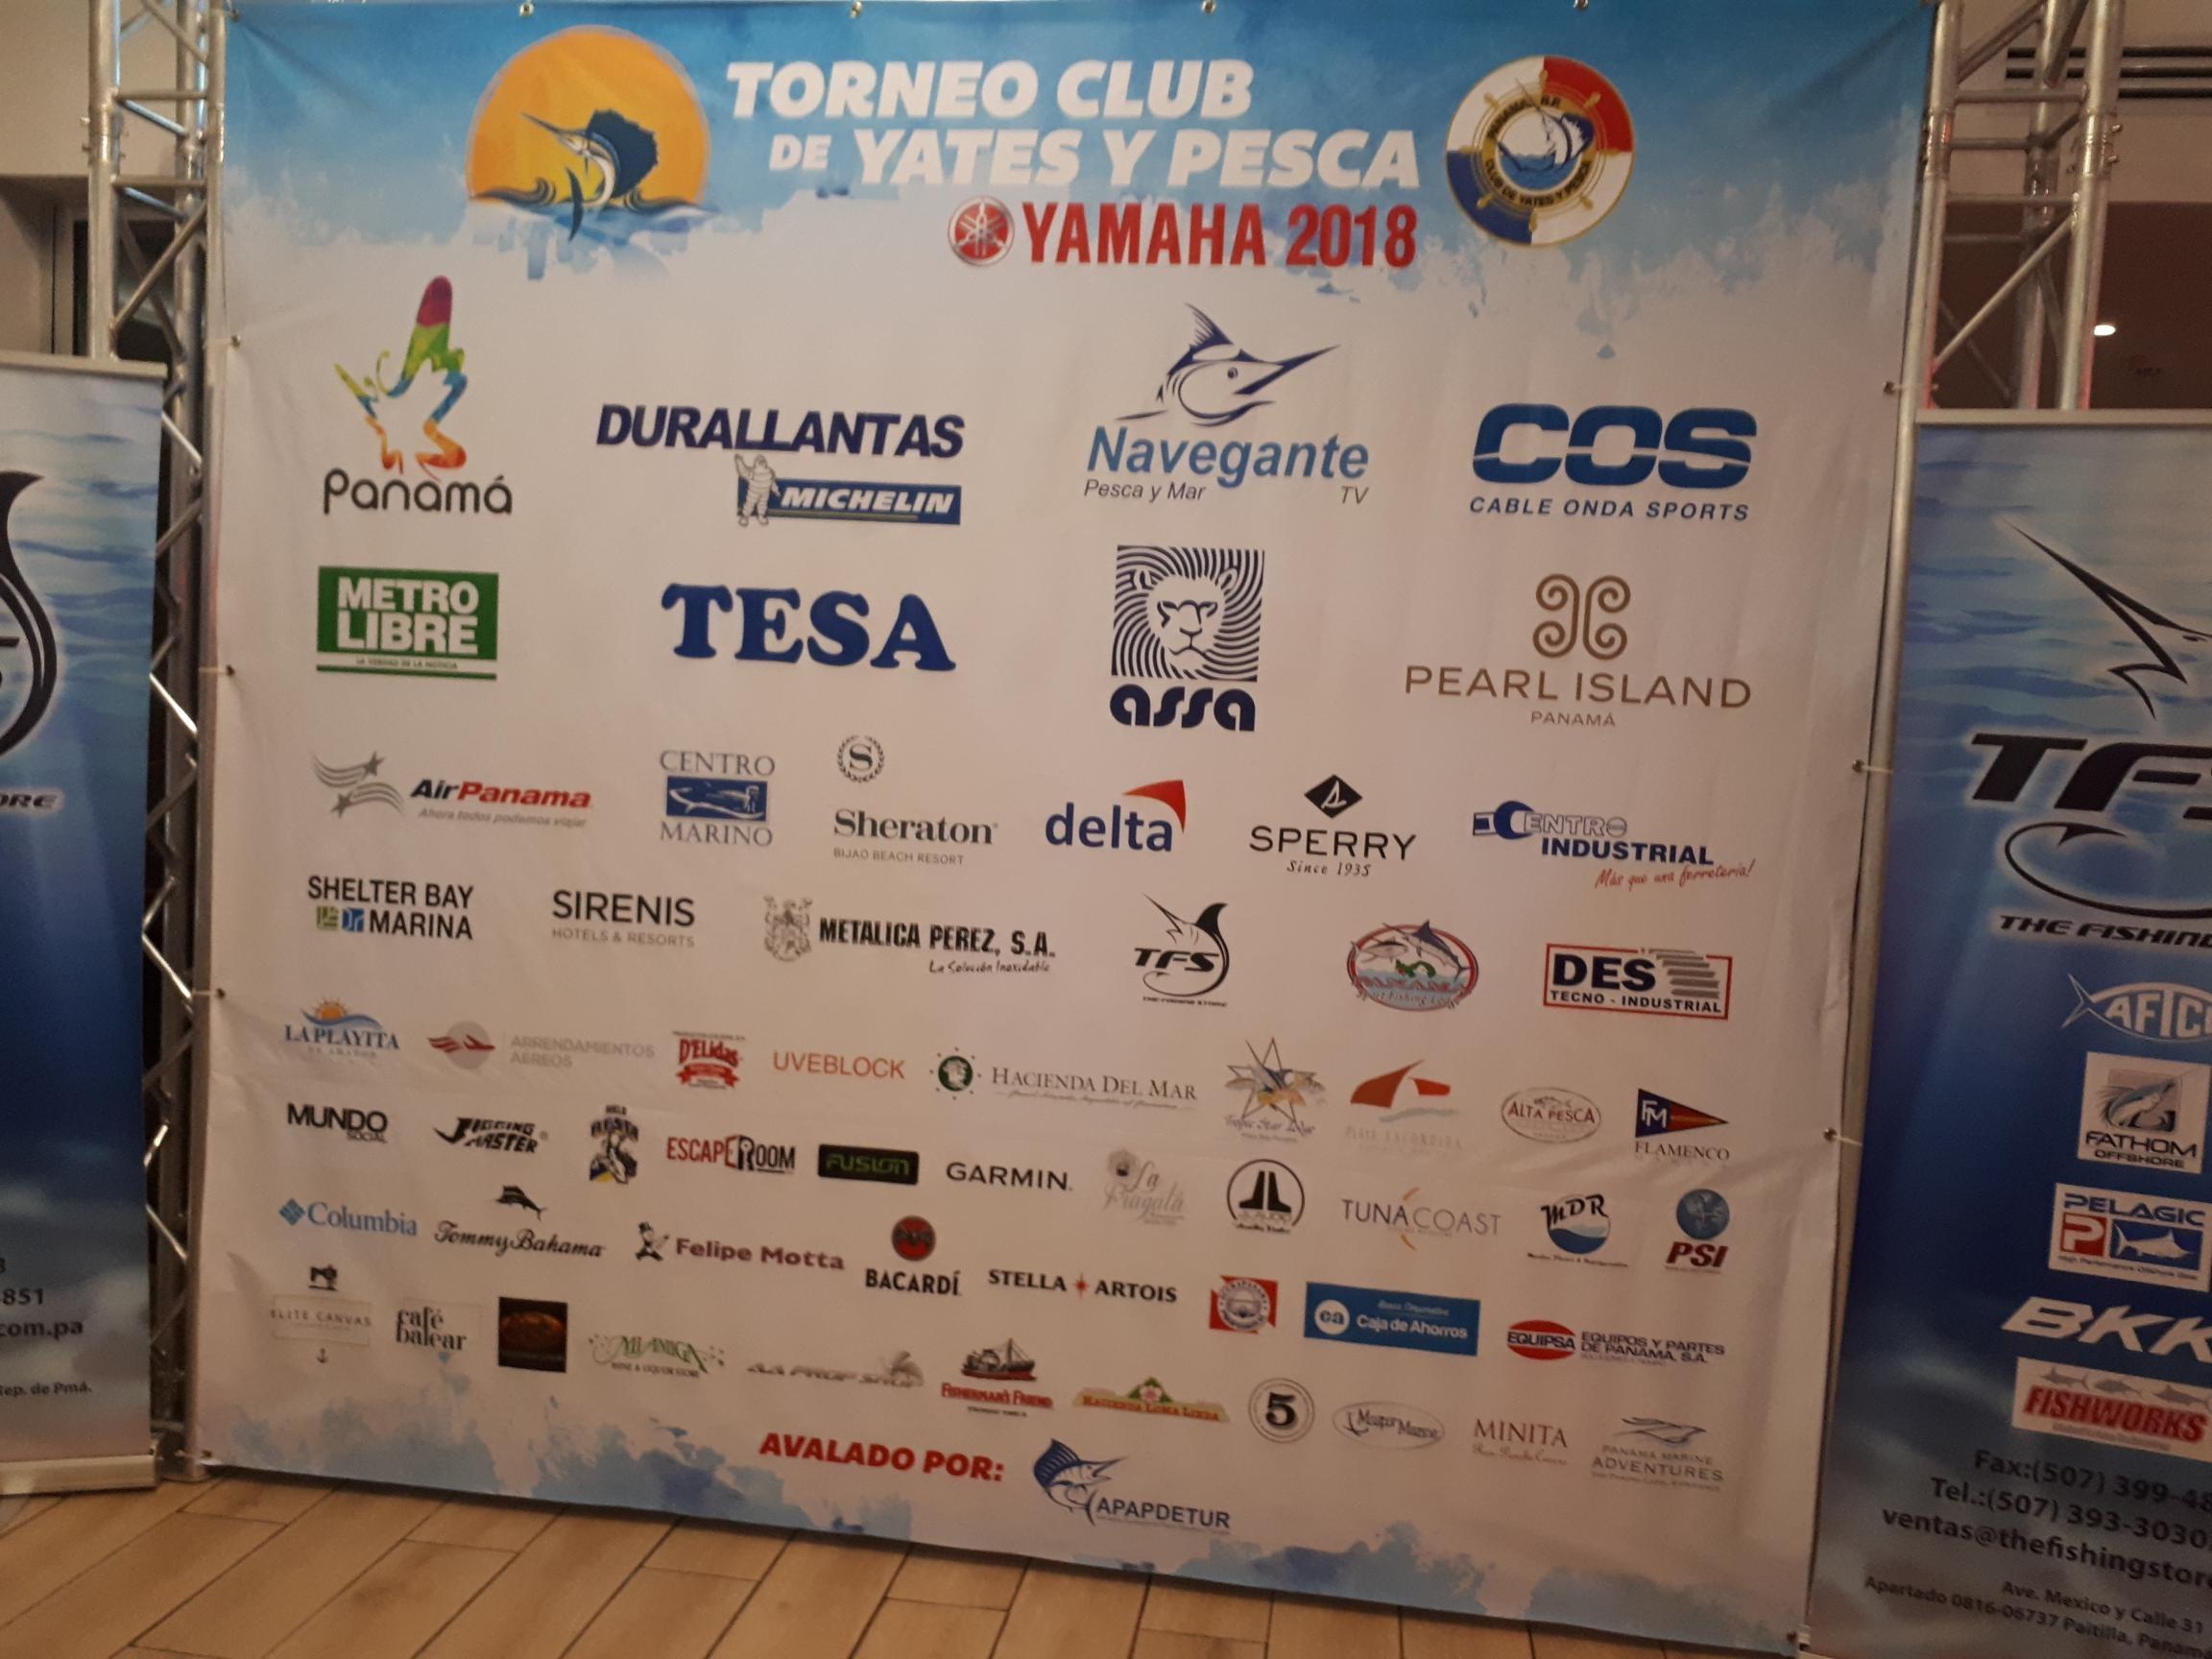 Torneo Club de Yates y Pescas 2018